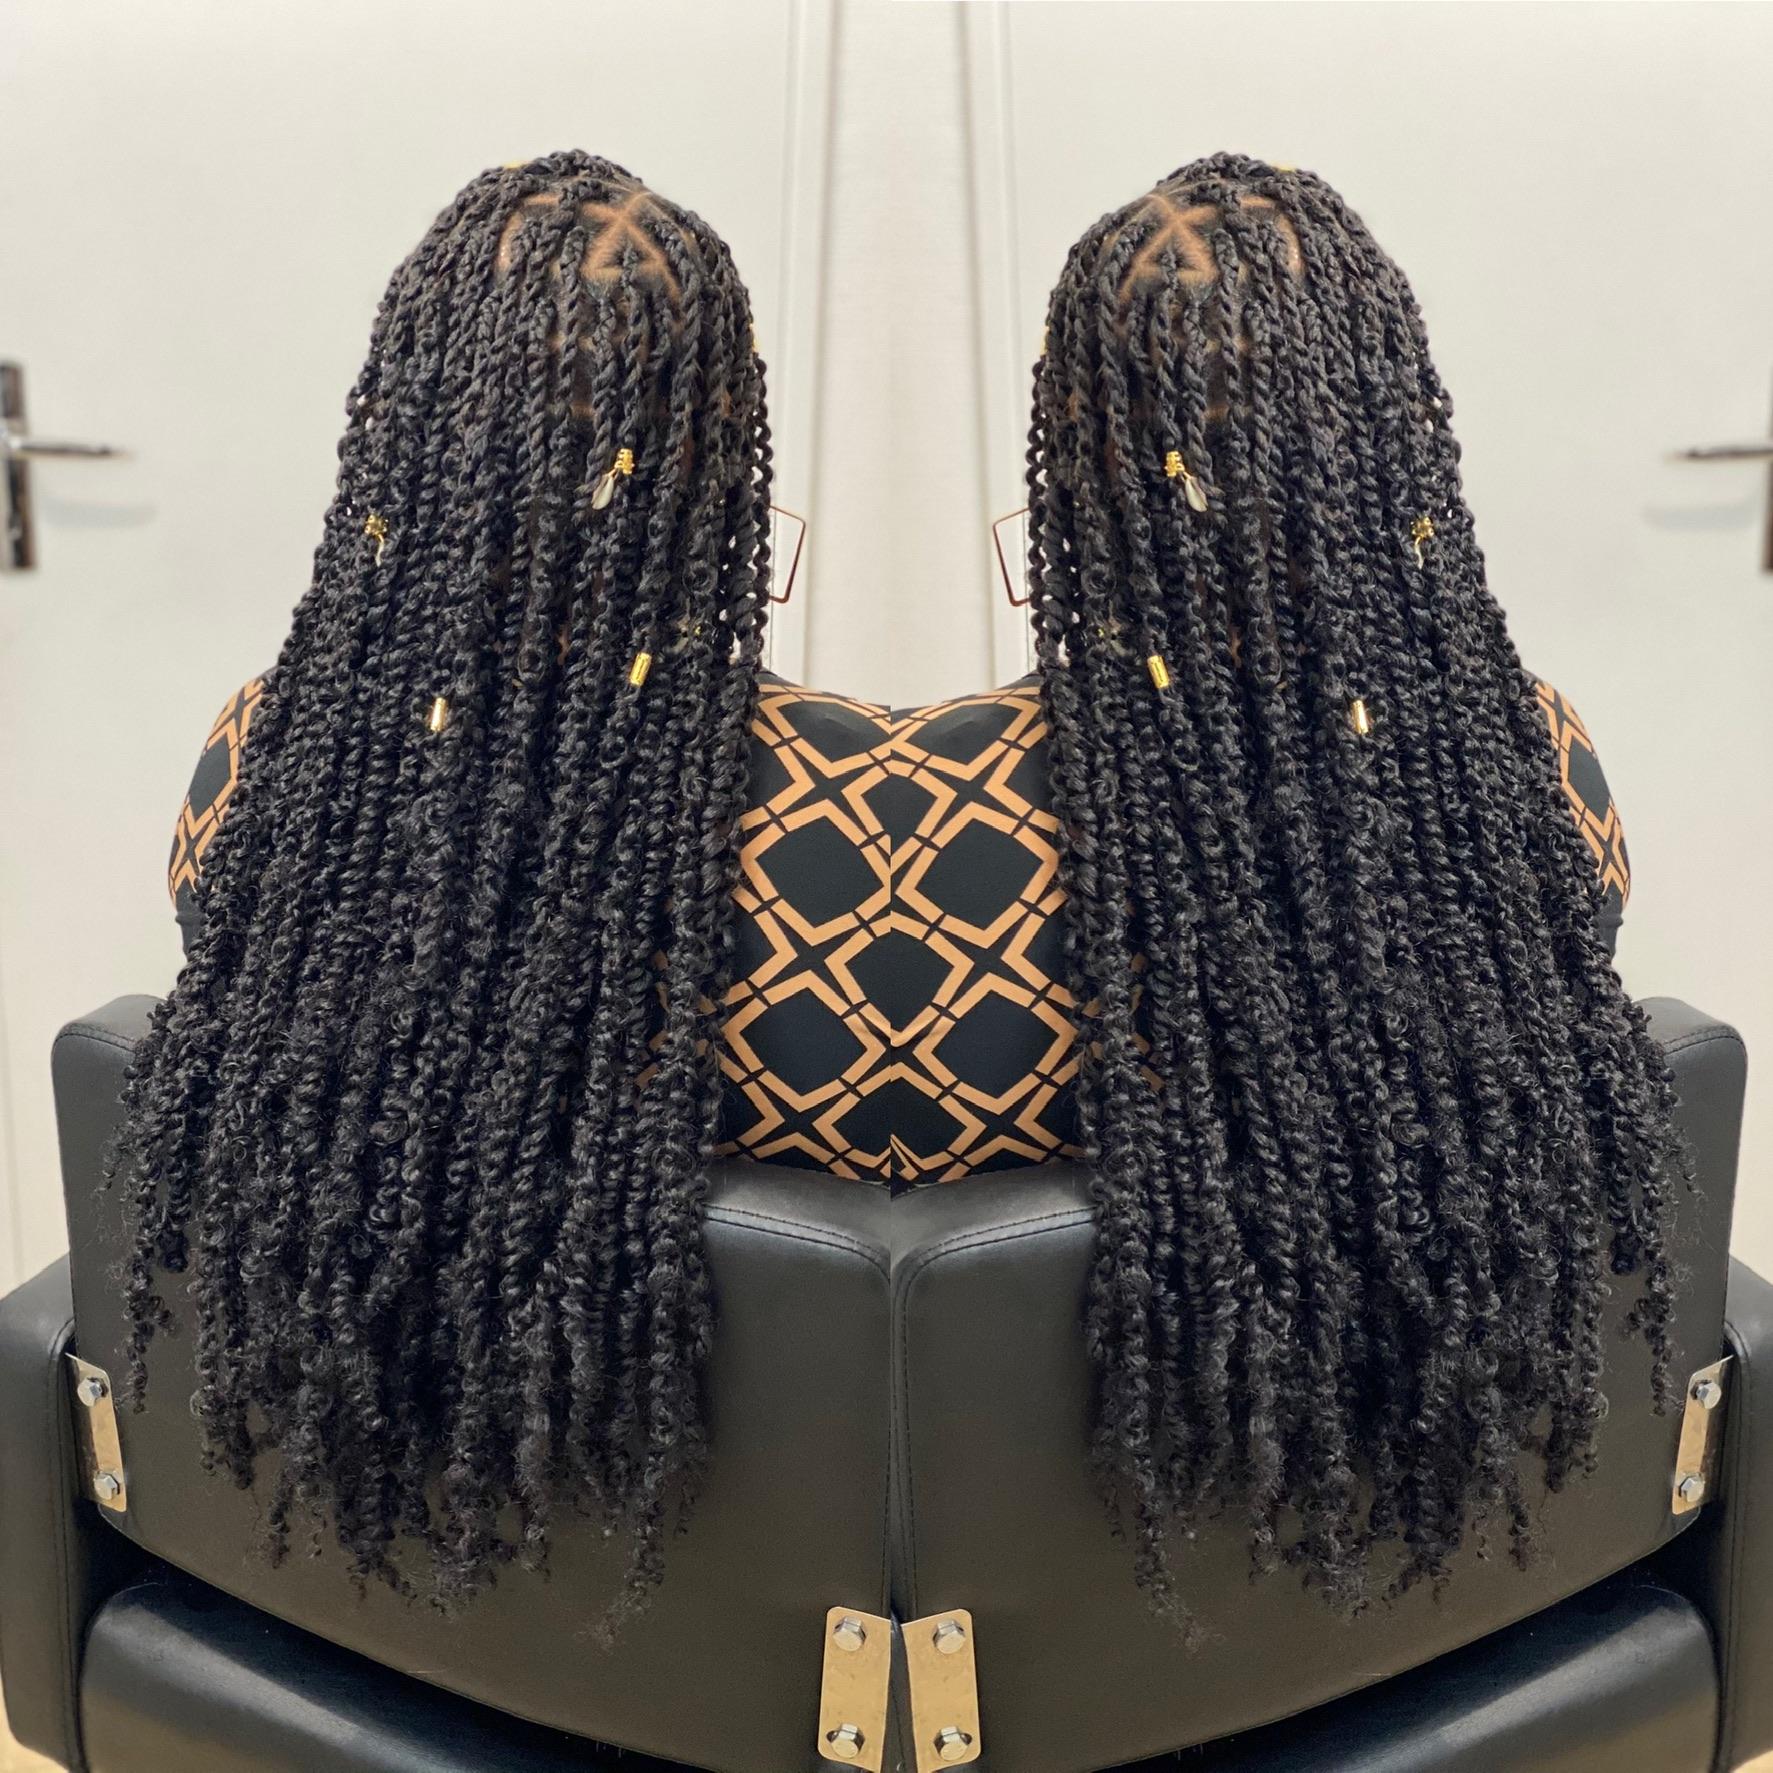 salon de coiffure afro tresse tresses box braids crochet braids vanilles tissages paris 75 77 78 91 92 93 94 95 OIIDDFAE